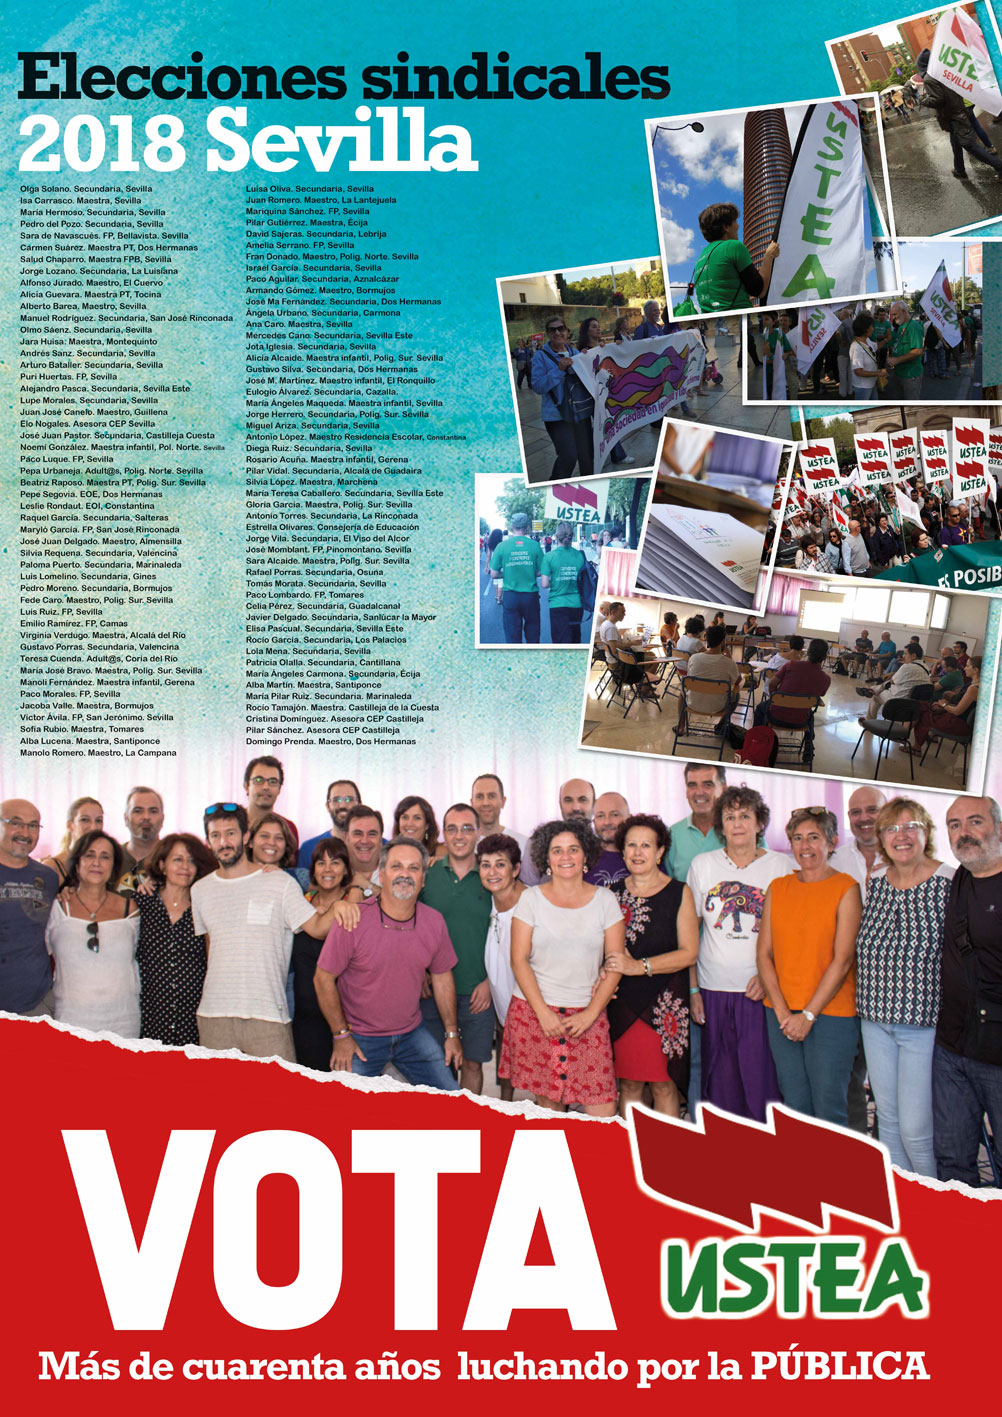 Elecciones sindicales 2018 a quién votar Sevilla